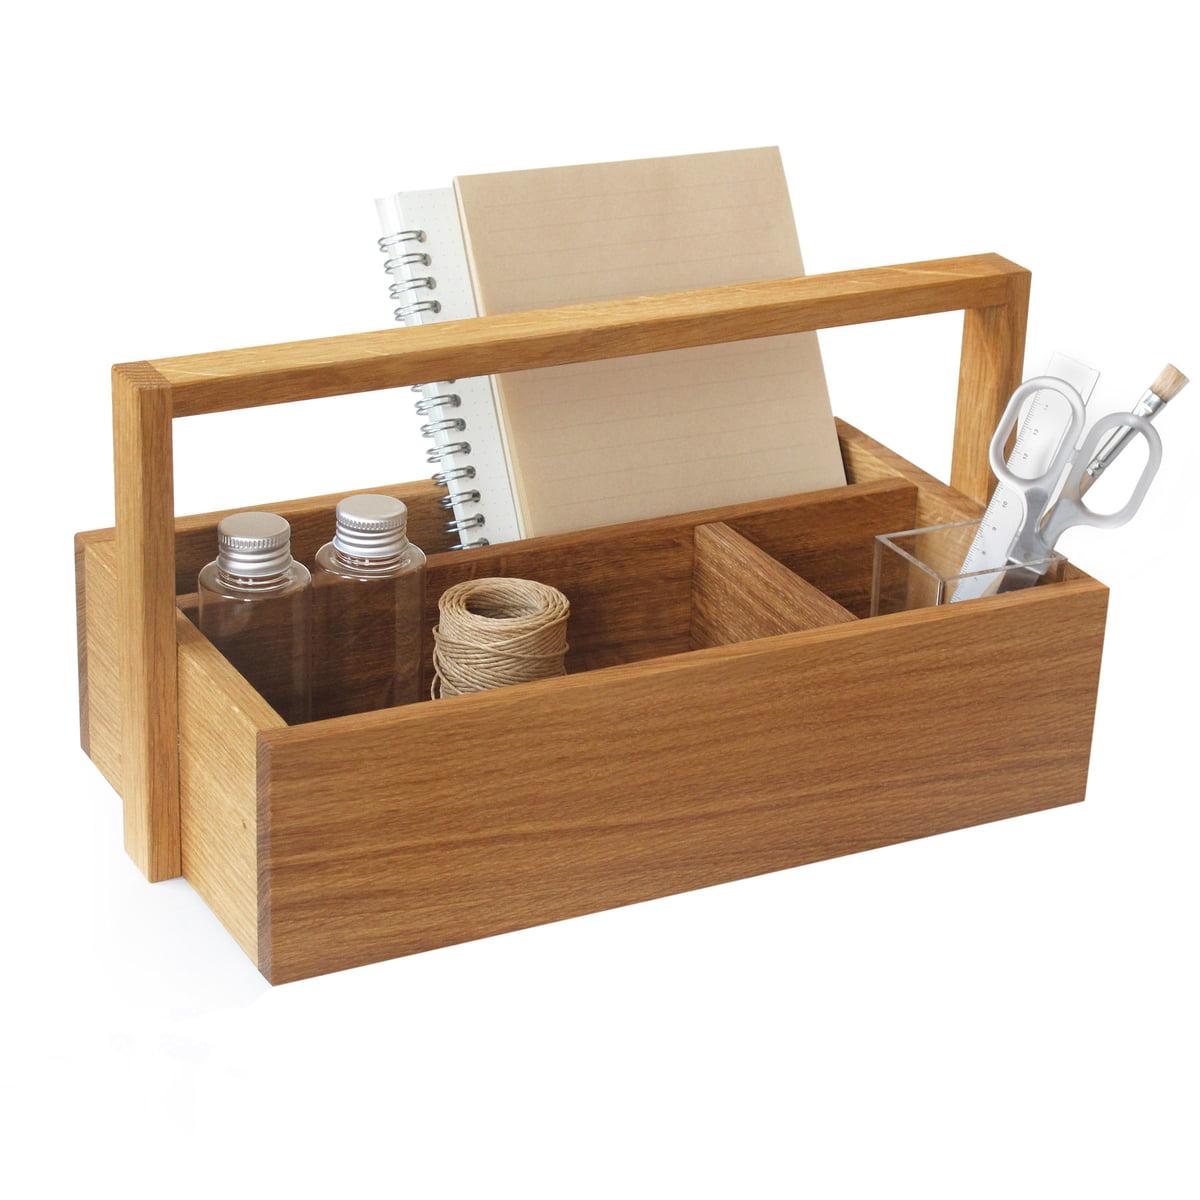 holz toolbox von side by side online kaufen. Black Bedroom Furniture Sets. Home Design Ideas